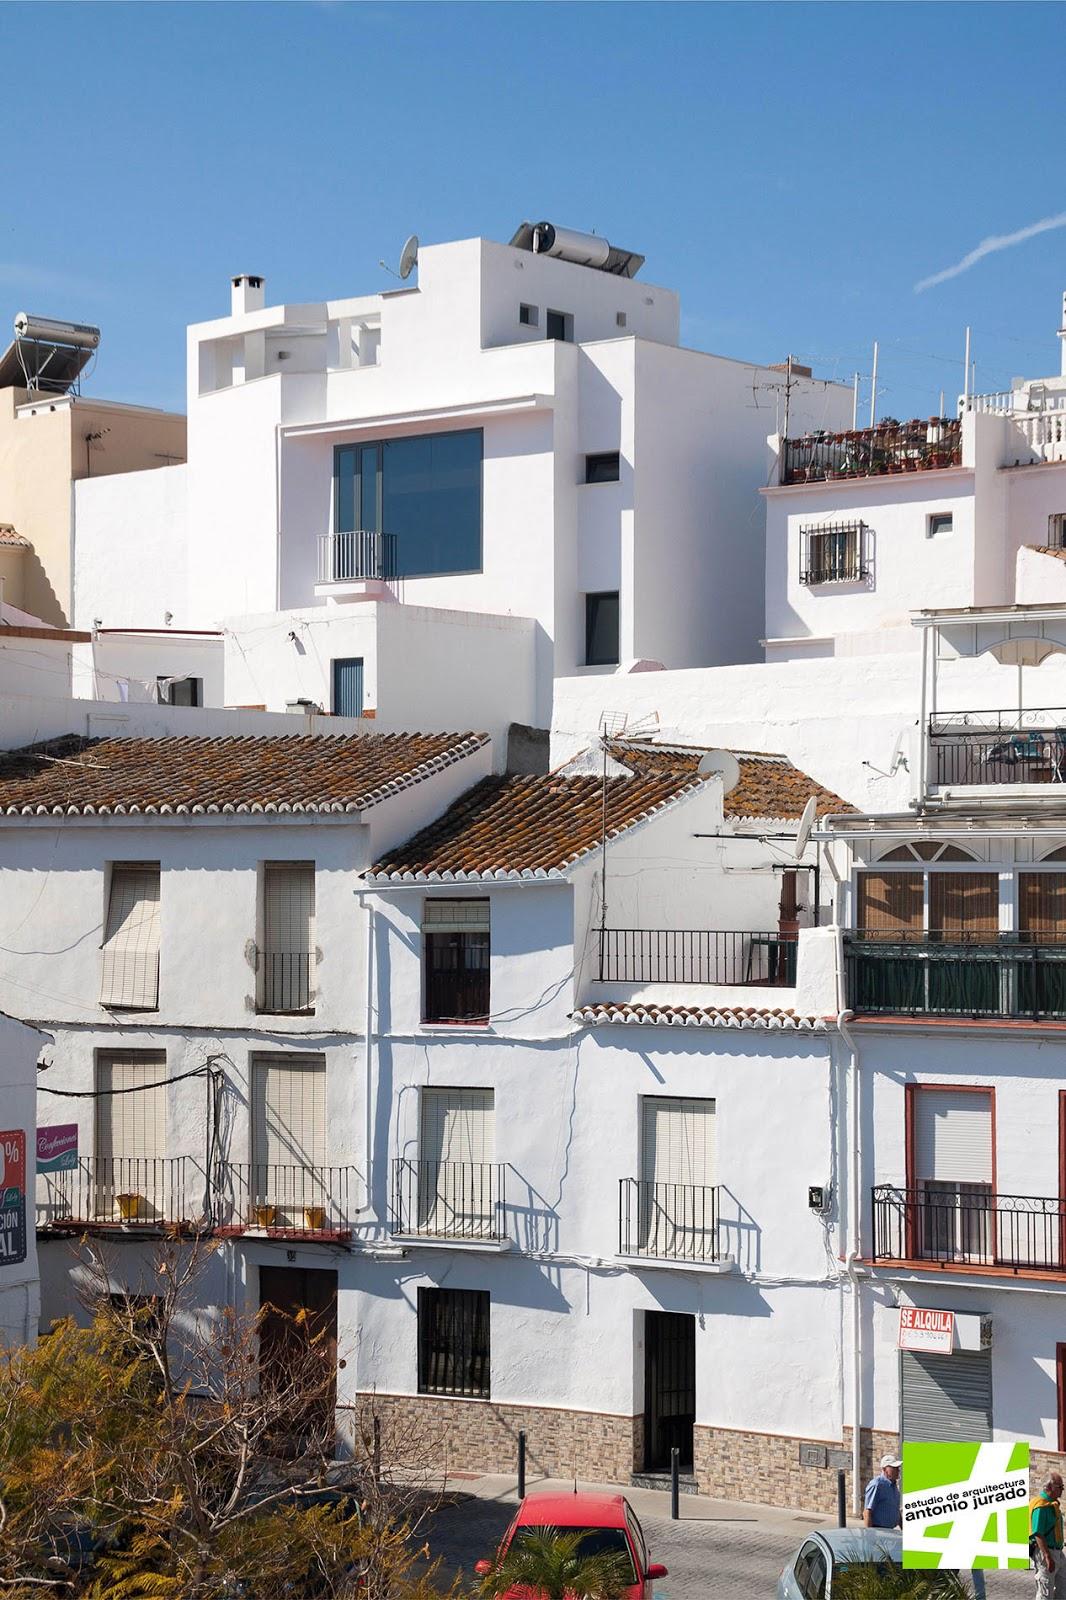 casa-tr-vivienda-unifamiliar-torrox-malaga-antonio-jurado-arquitecto-03